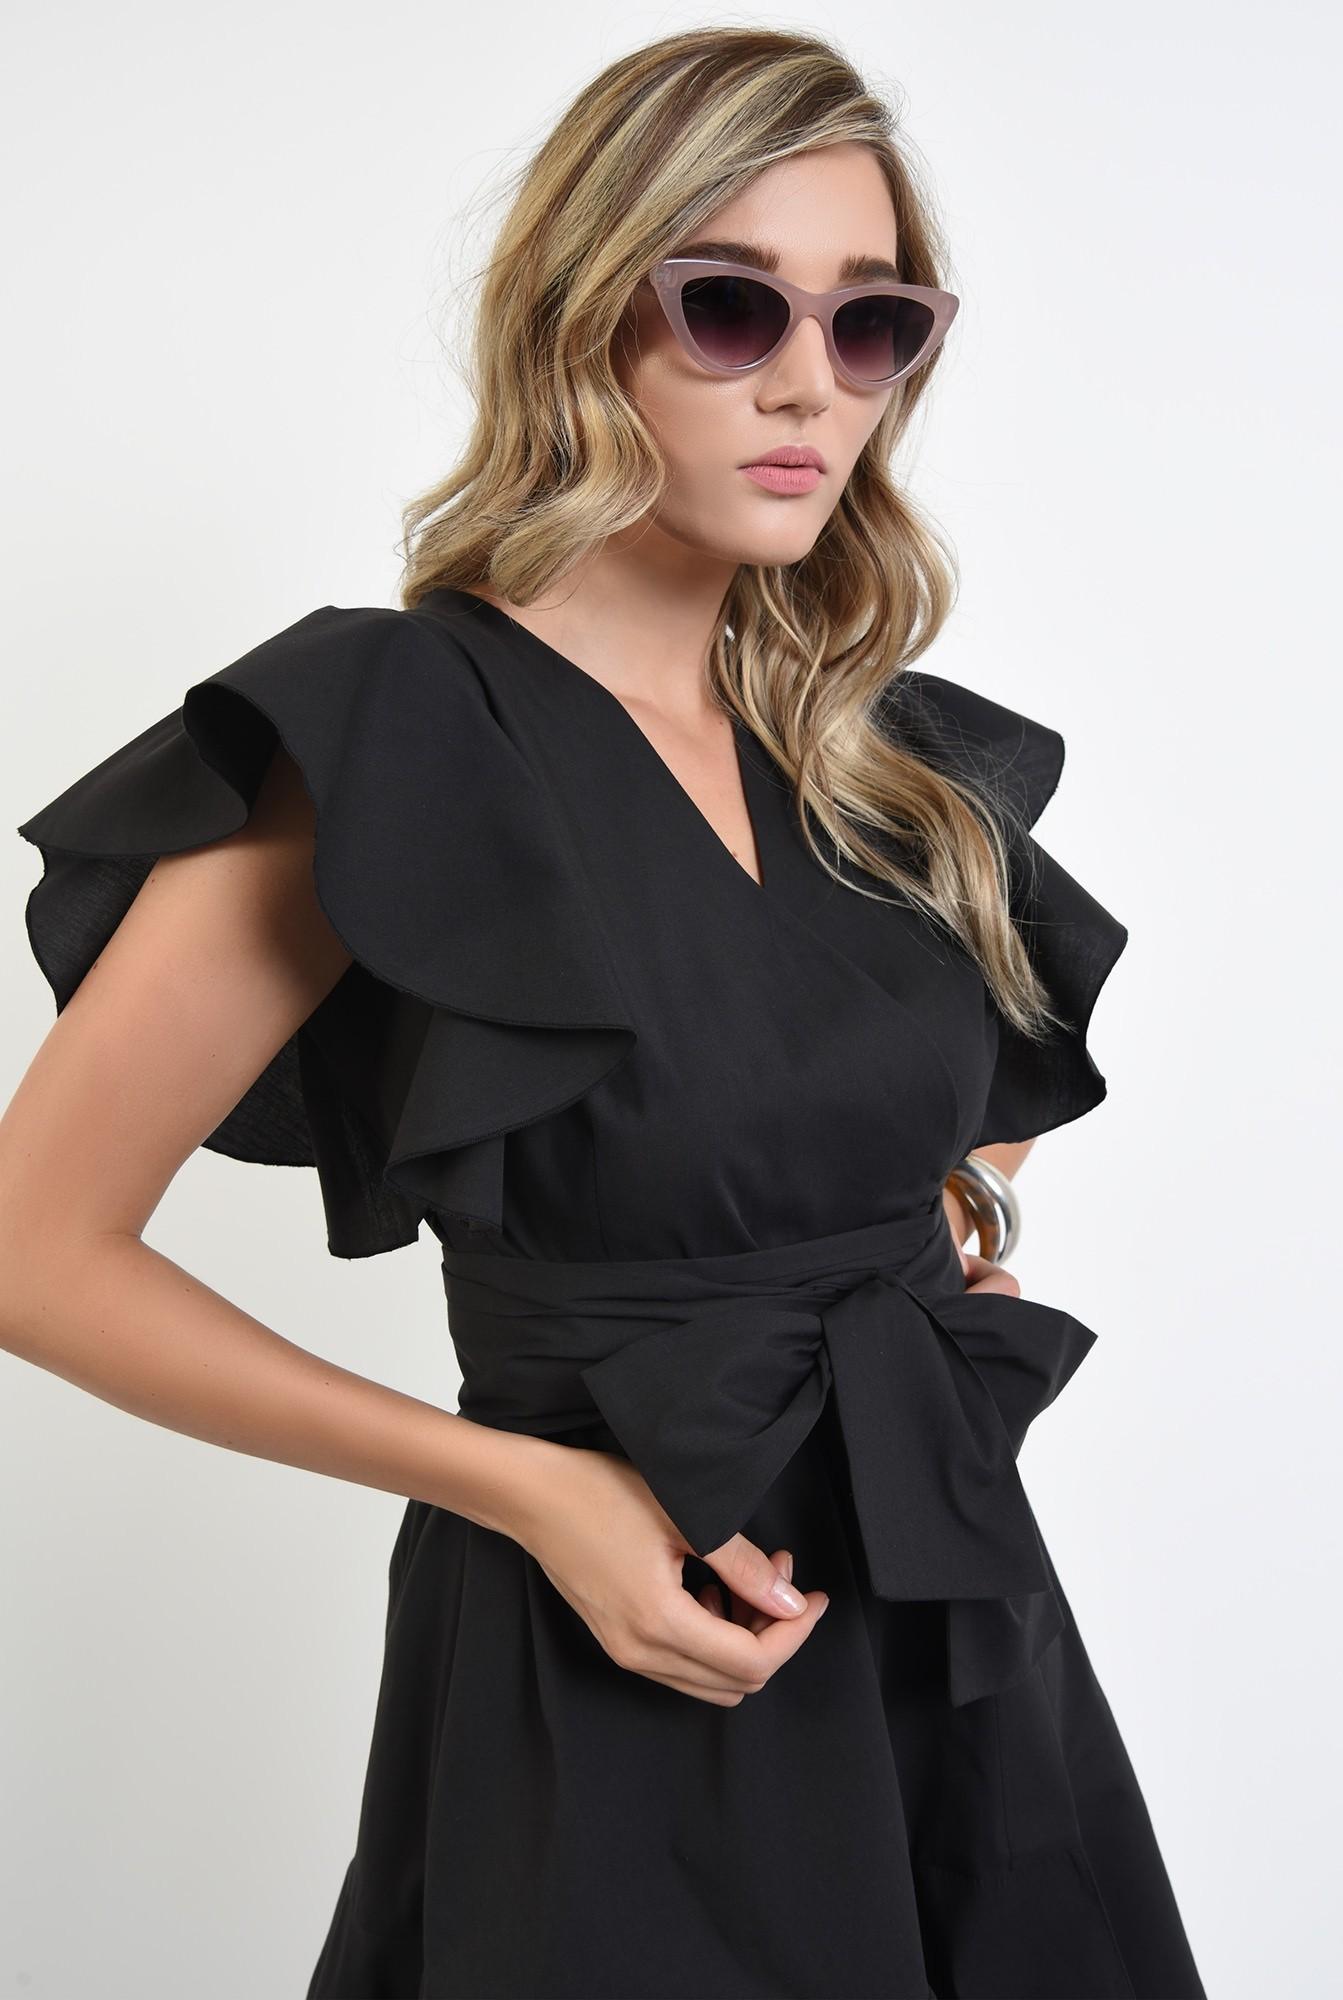 2 - 360 - rochie mini, clos, cu volan, anchior, maneci fluture, neagra